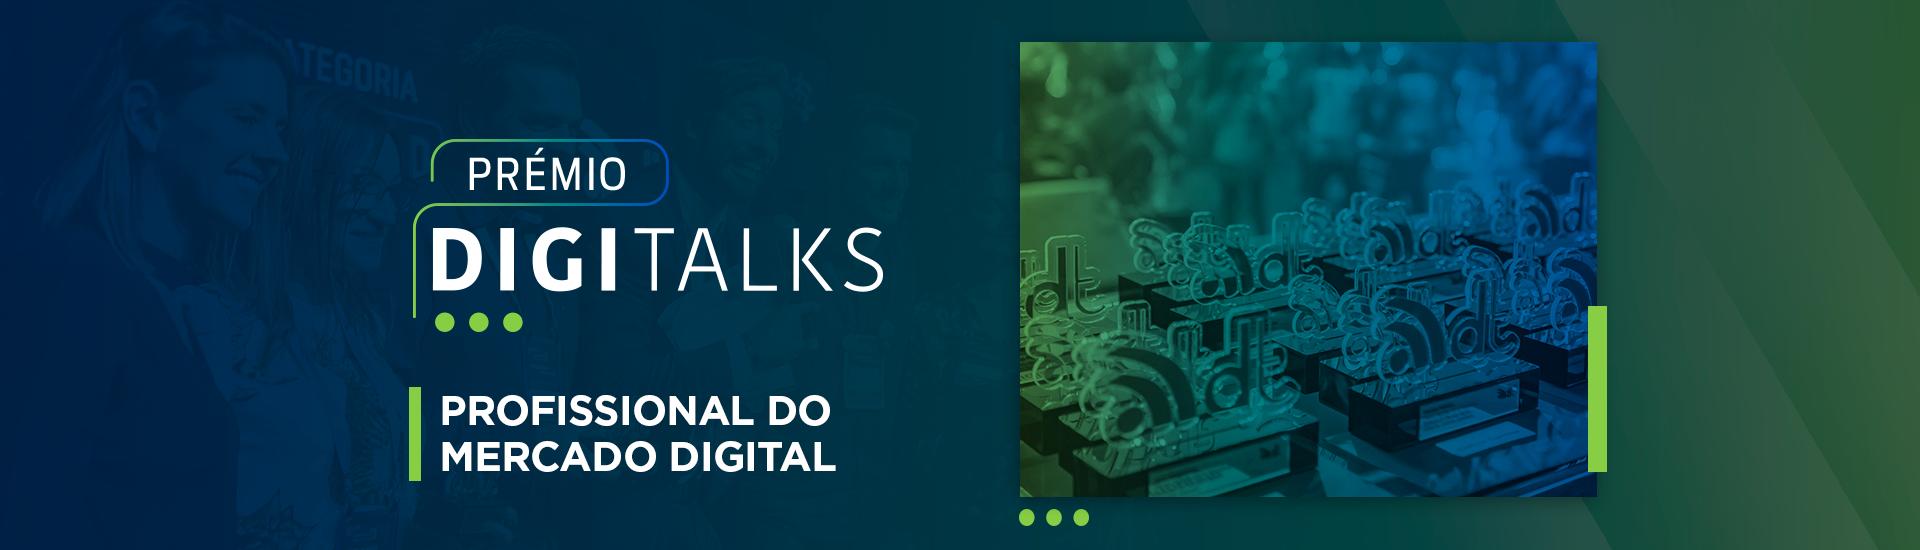 digitalks-premio-banner-pt